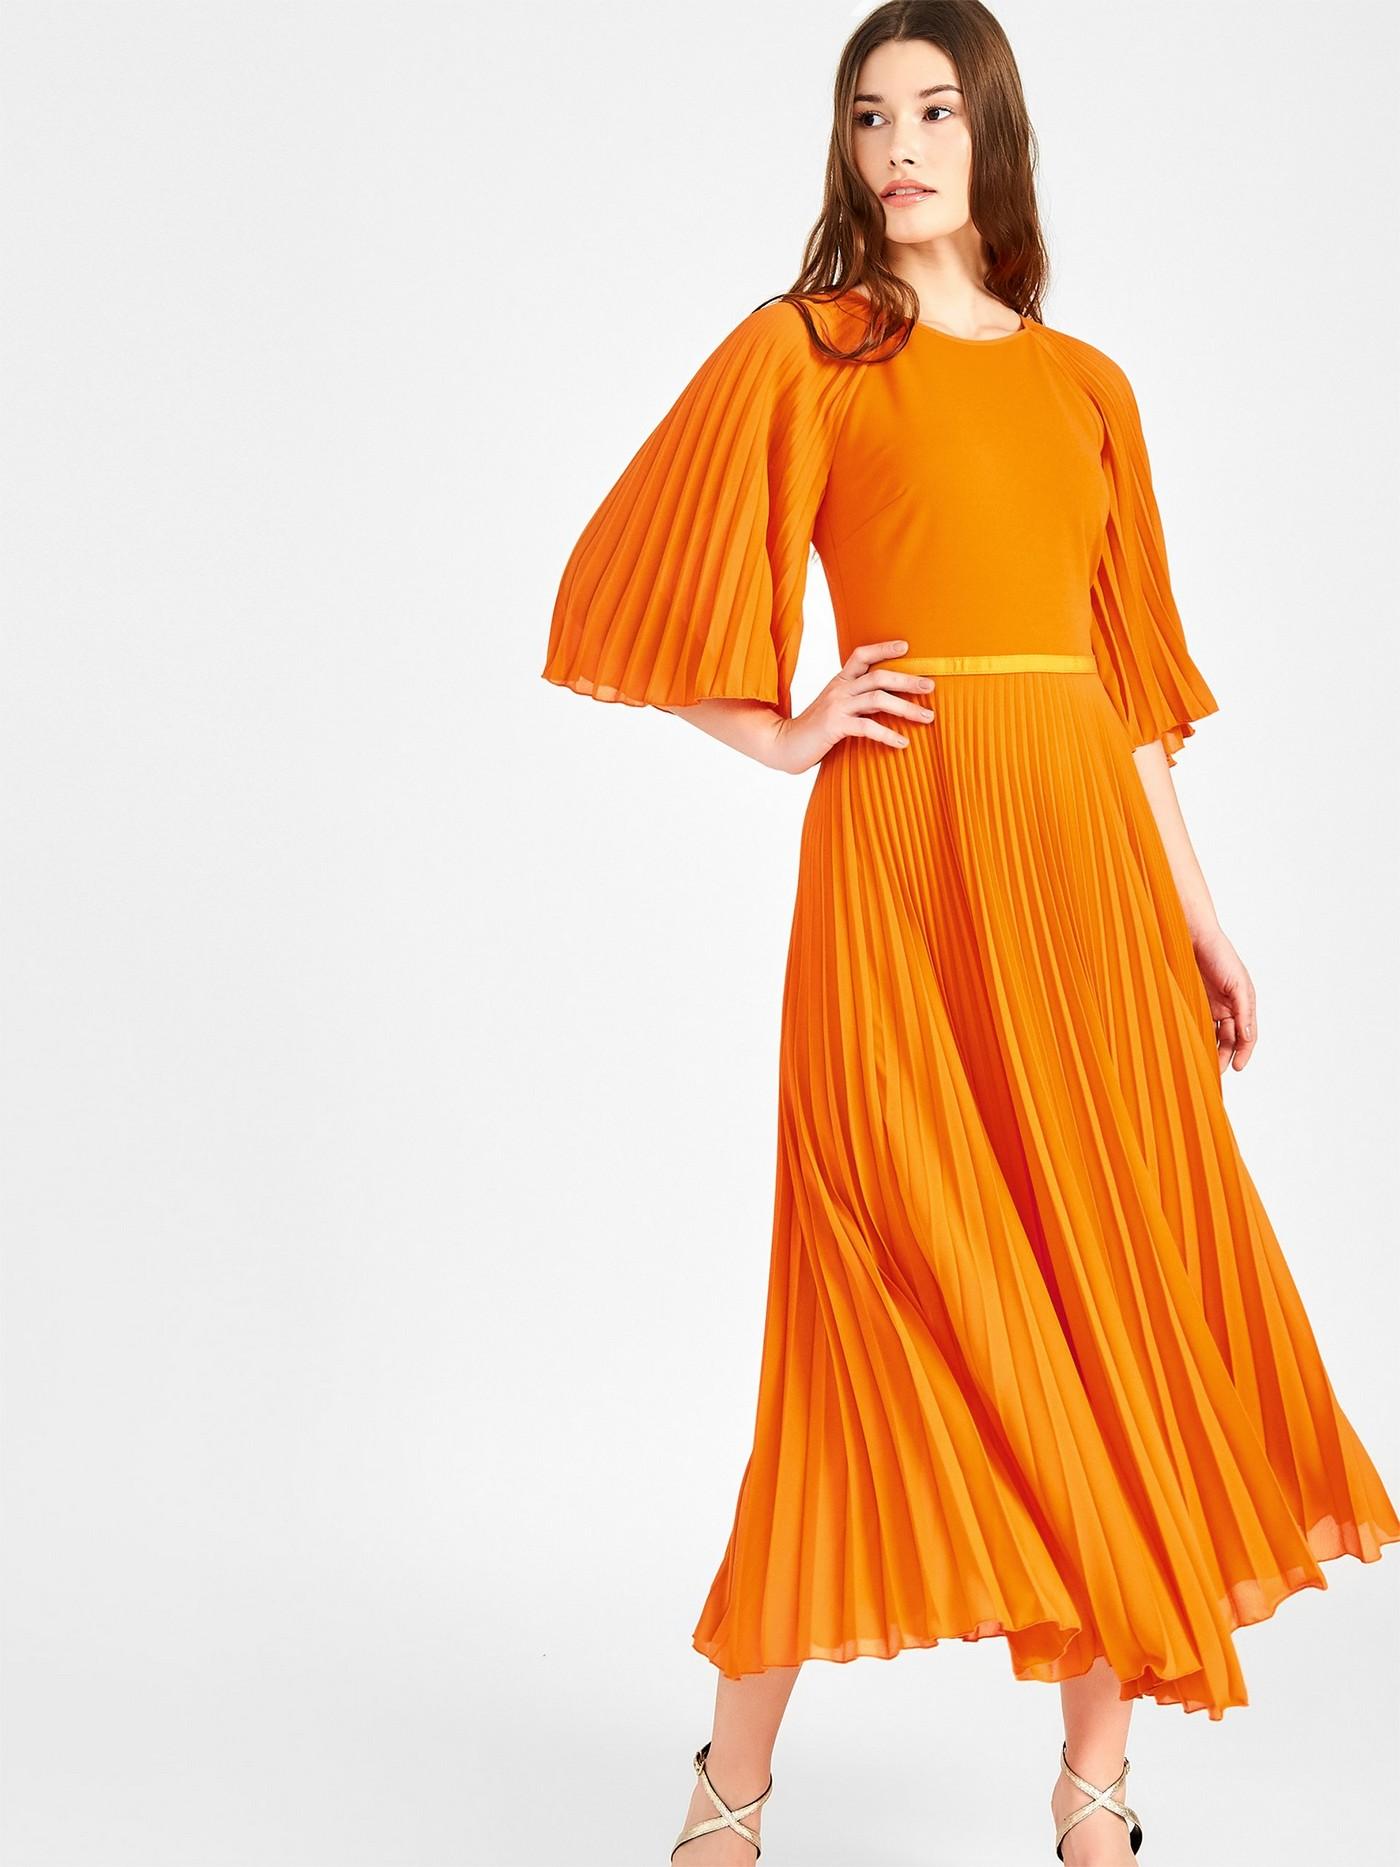 Стільна сукня італійського бренду Rinascimento, спідниця плісе.